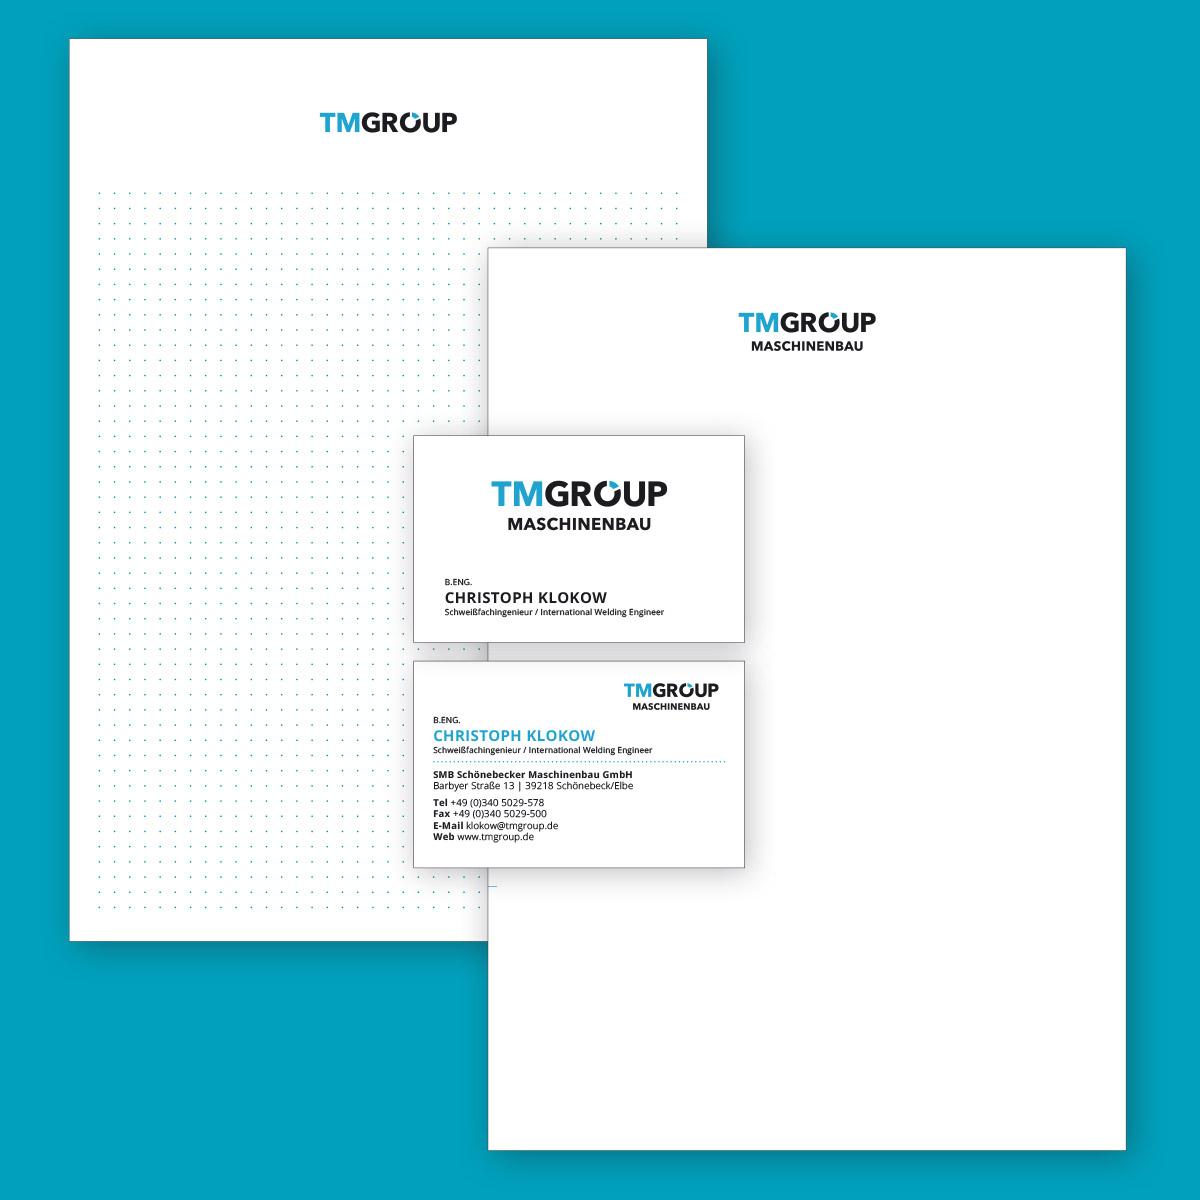 TMGROUP: Block, Briefbogen und Visitenkarte (Vor- und Rückseite)